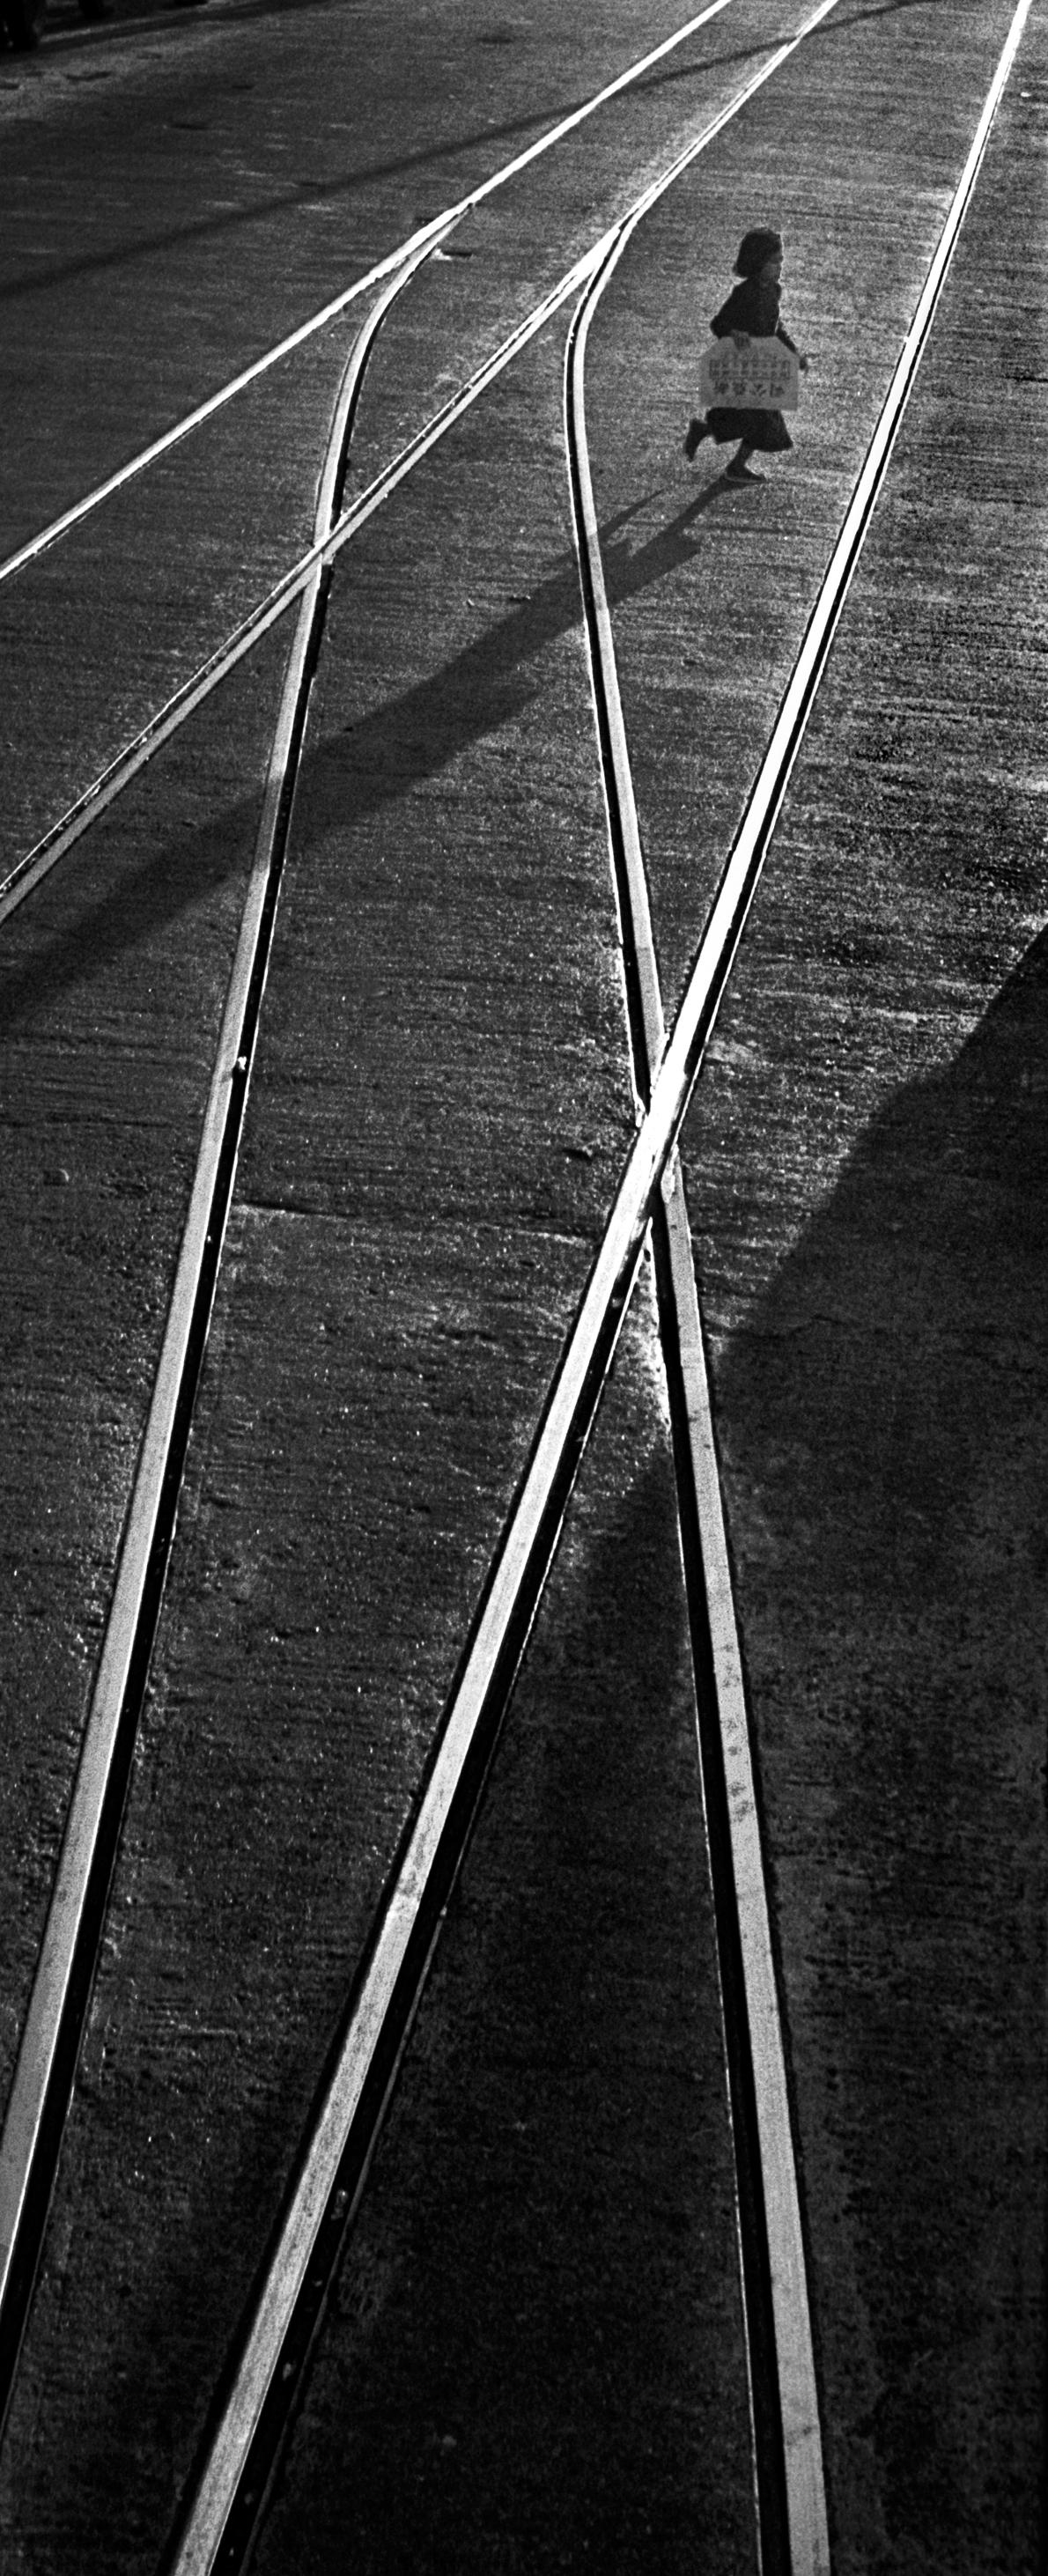 Fan Ho_The Tracks of Fear.jpg